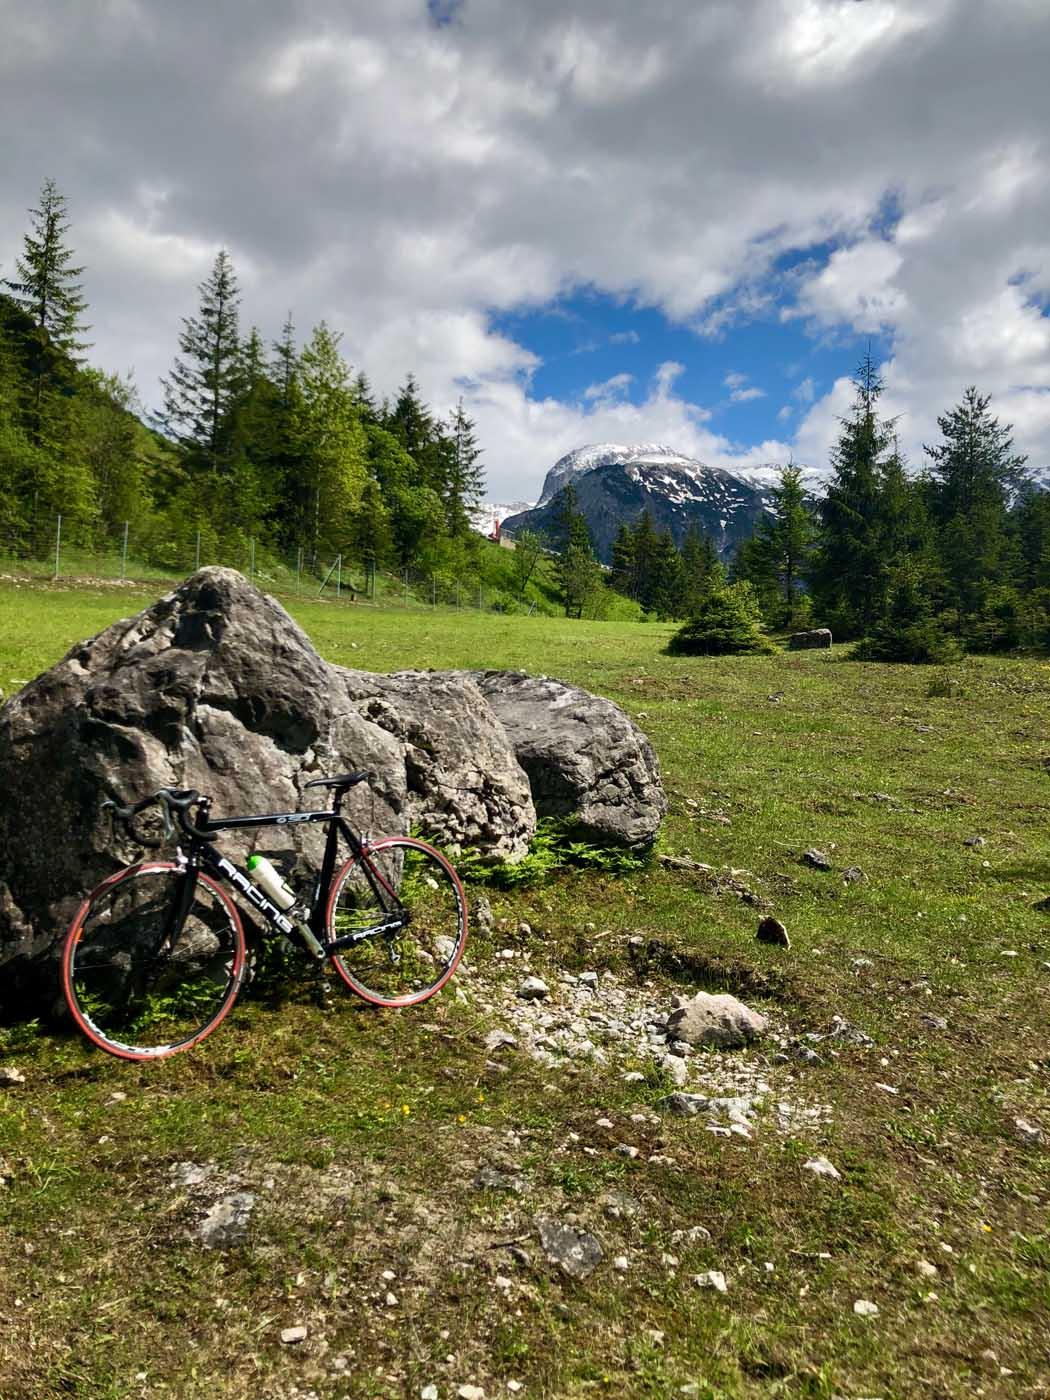 After work Bike touren, leichte Bike Touren zum Einsteigen